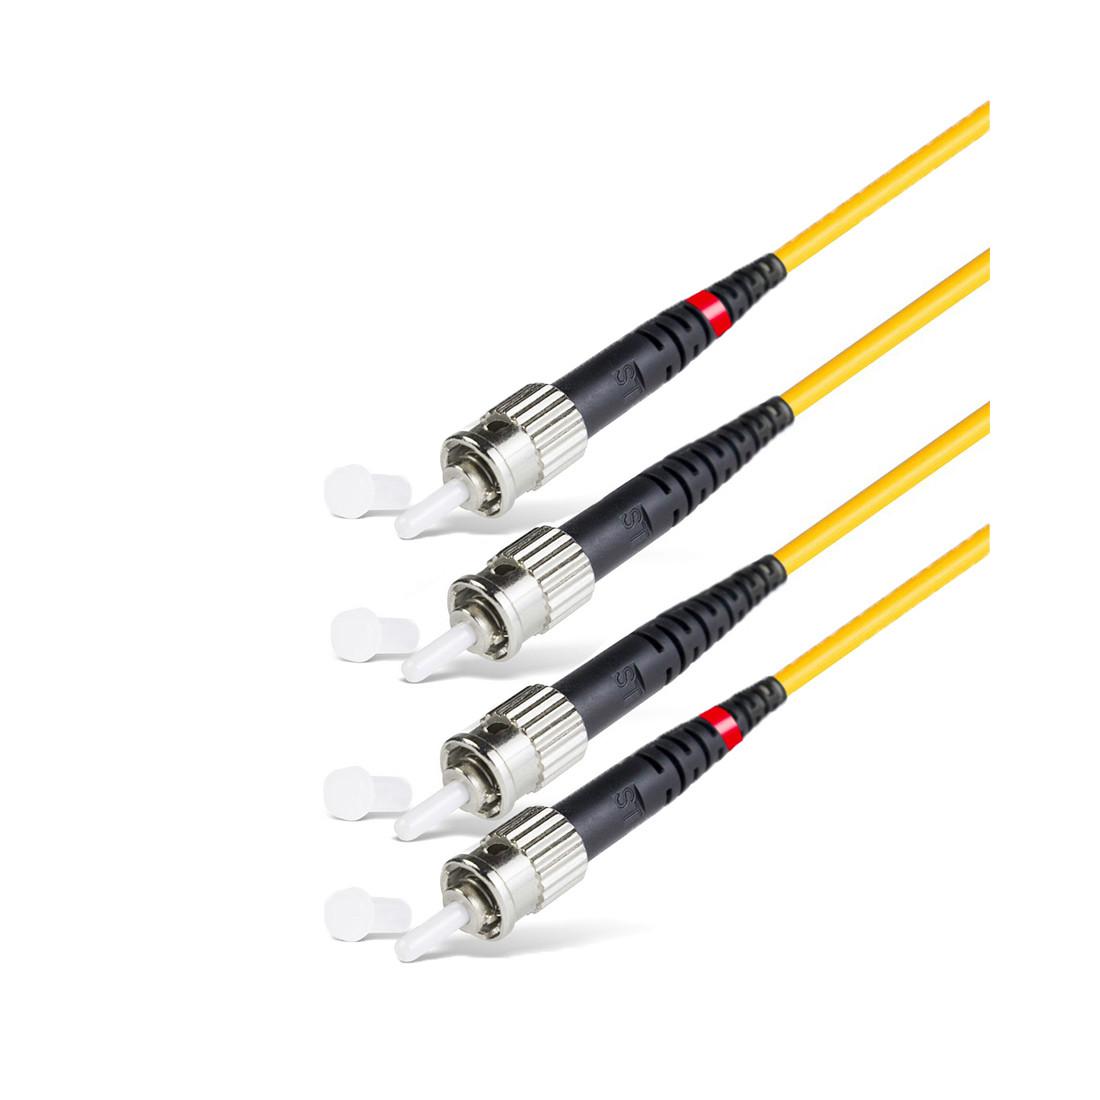 Патч Корд Оптоволоконный,, FC/UPC-ST/UPC SM 9/125 Duplex 3.0мм 0.5 м, Жёлтый, Пол. Пакет